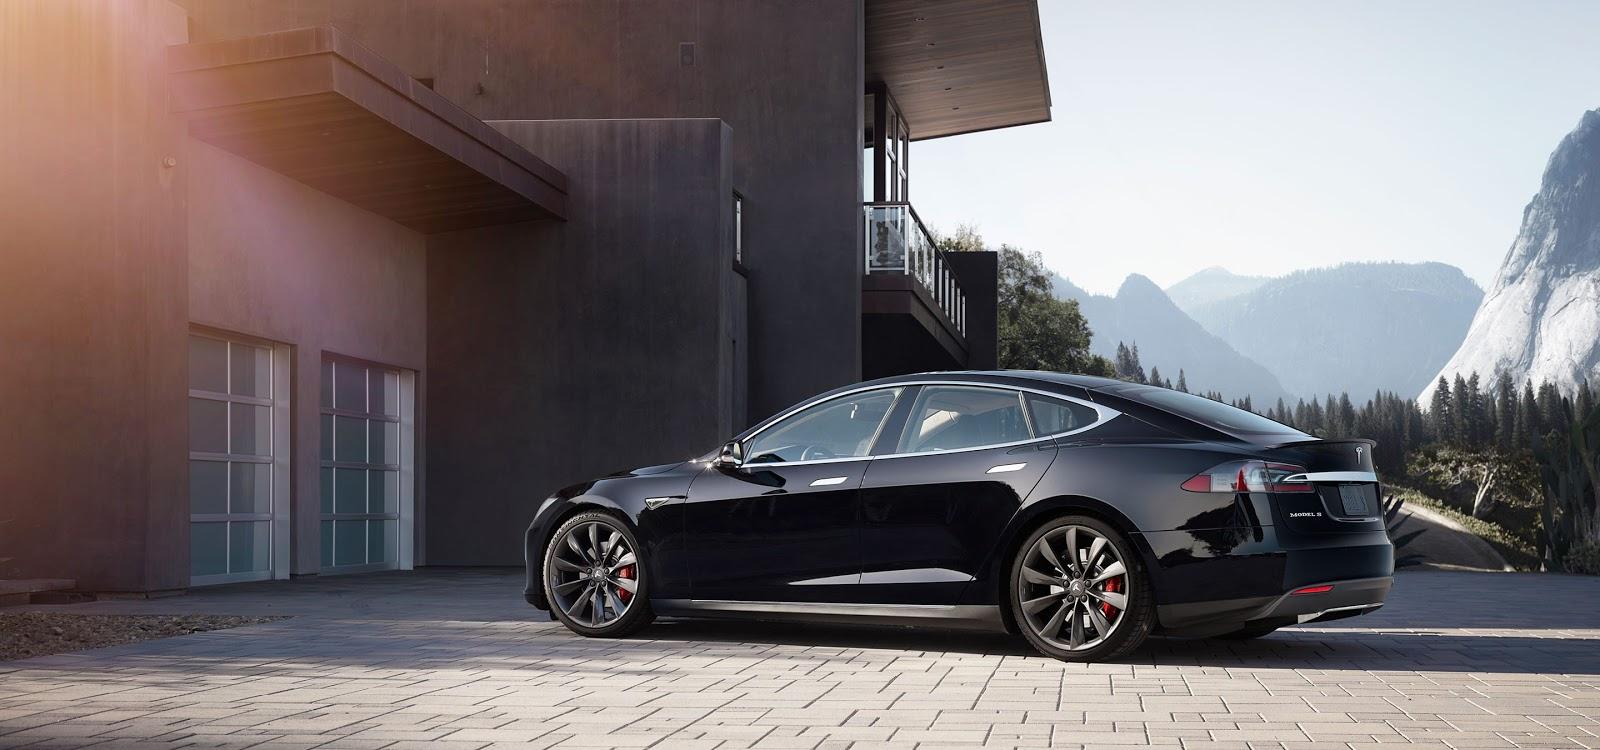 Tesla sẽ thay đổi công nghiệp xe hơi thế giới?